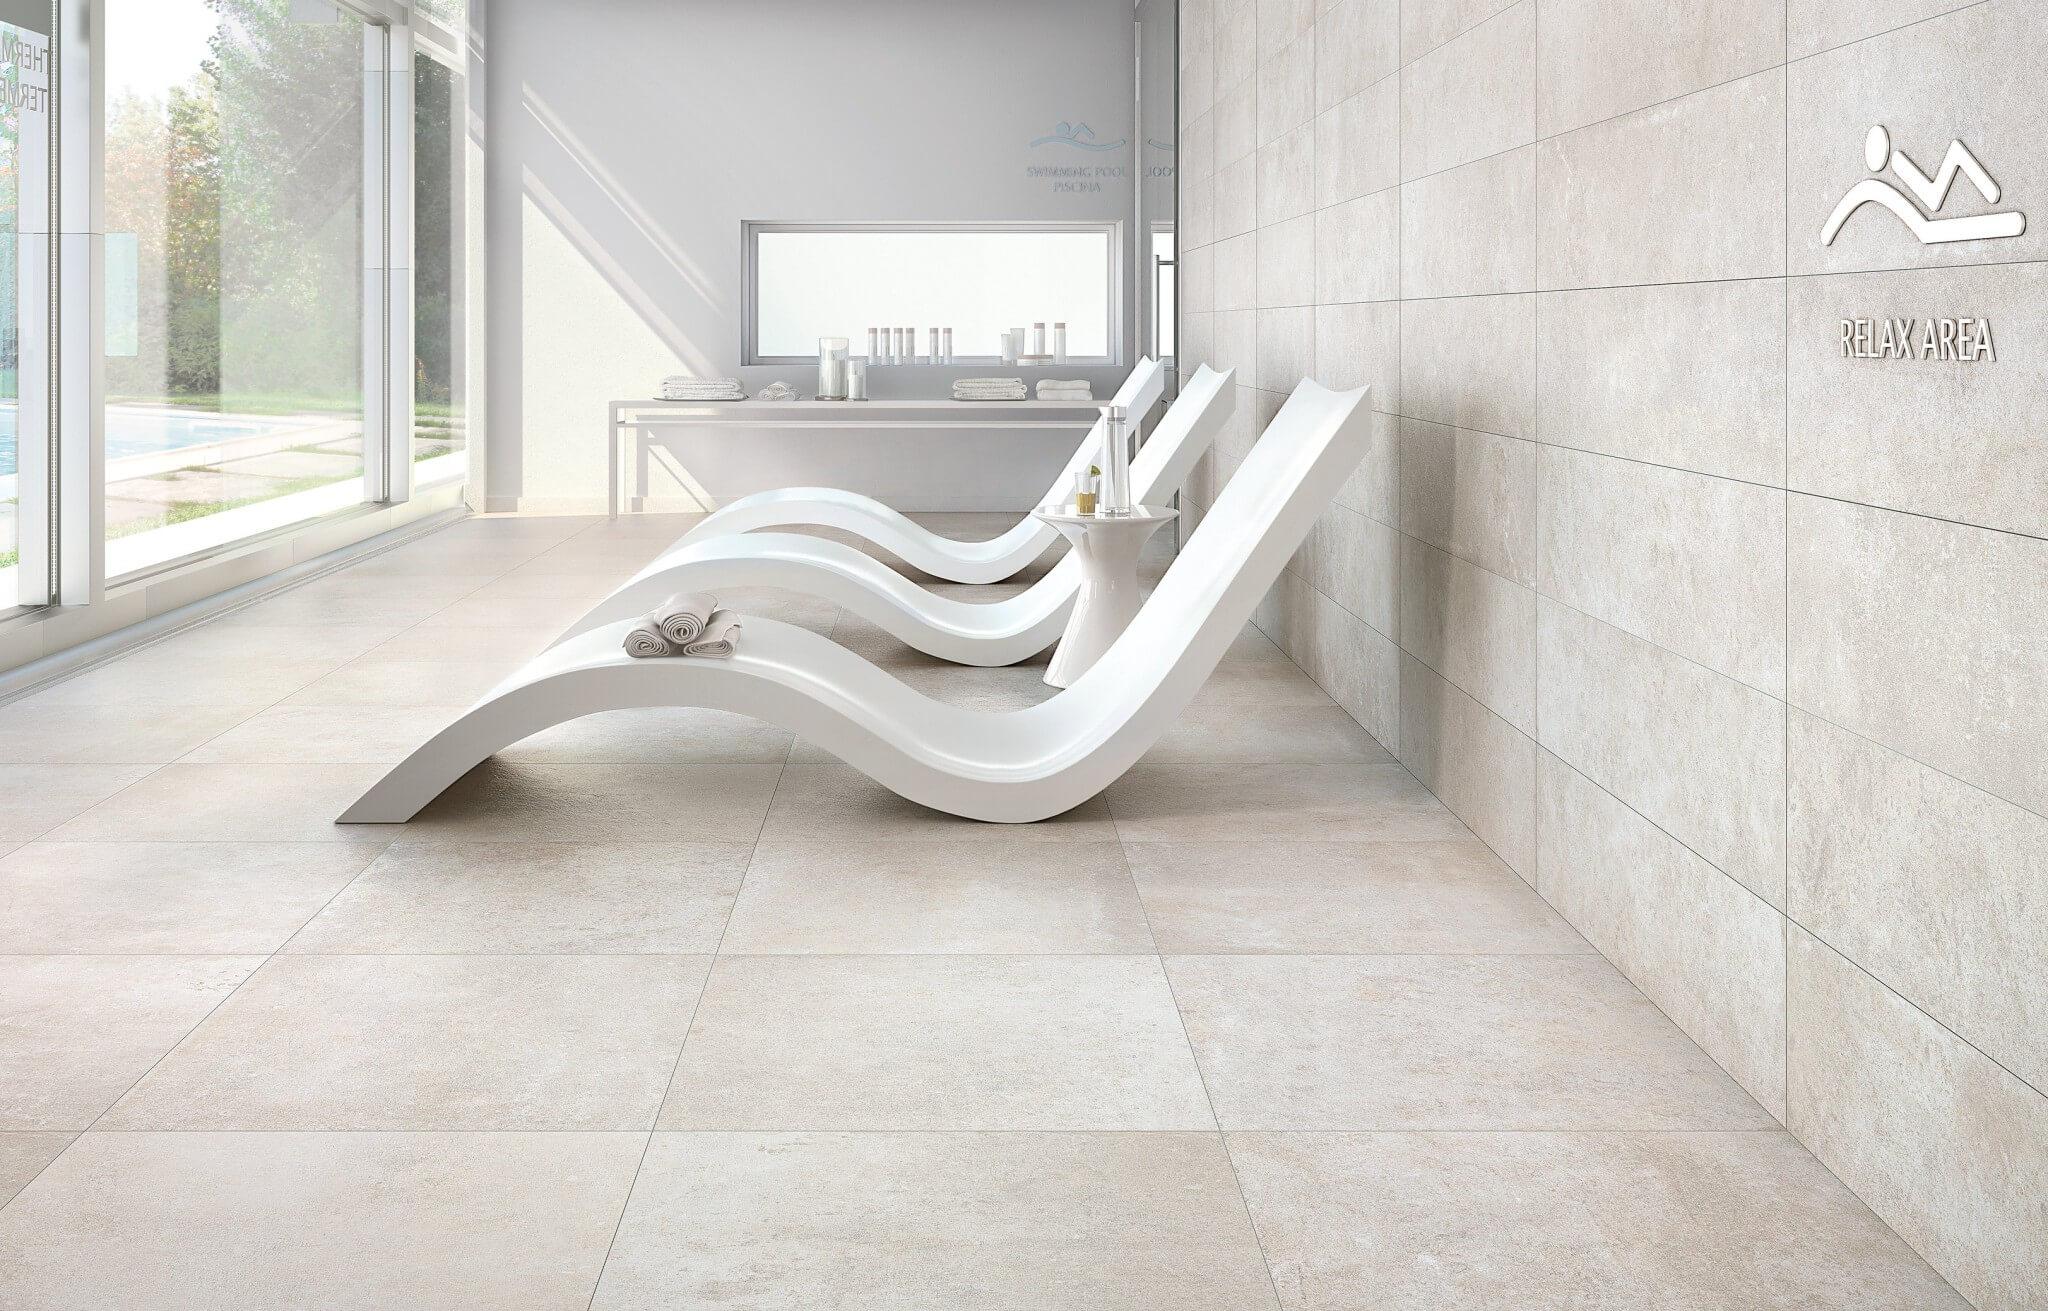 Badkamer Tegels Praxis : Woonkamer tegels praxis wastafel toilet praxis toilet en